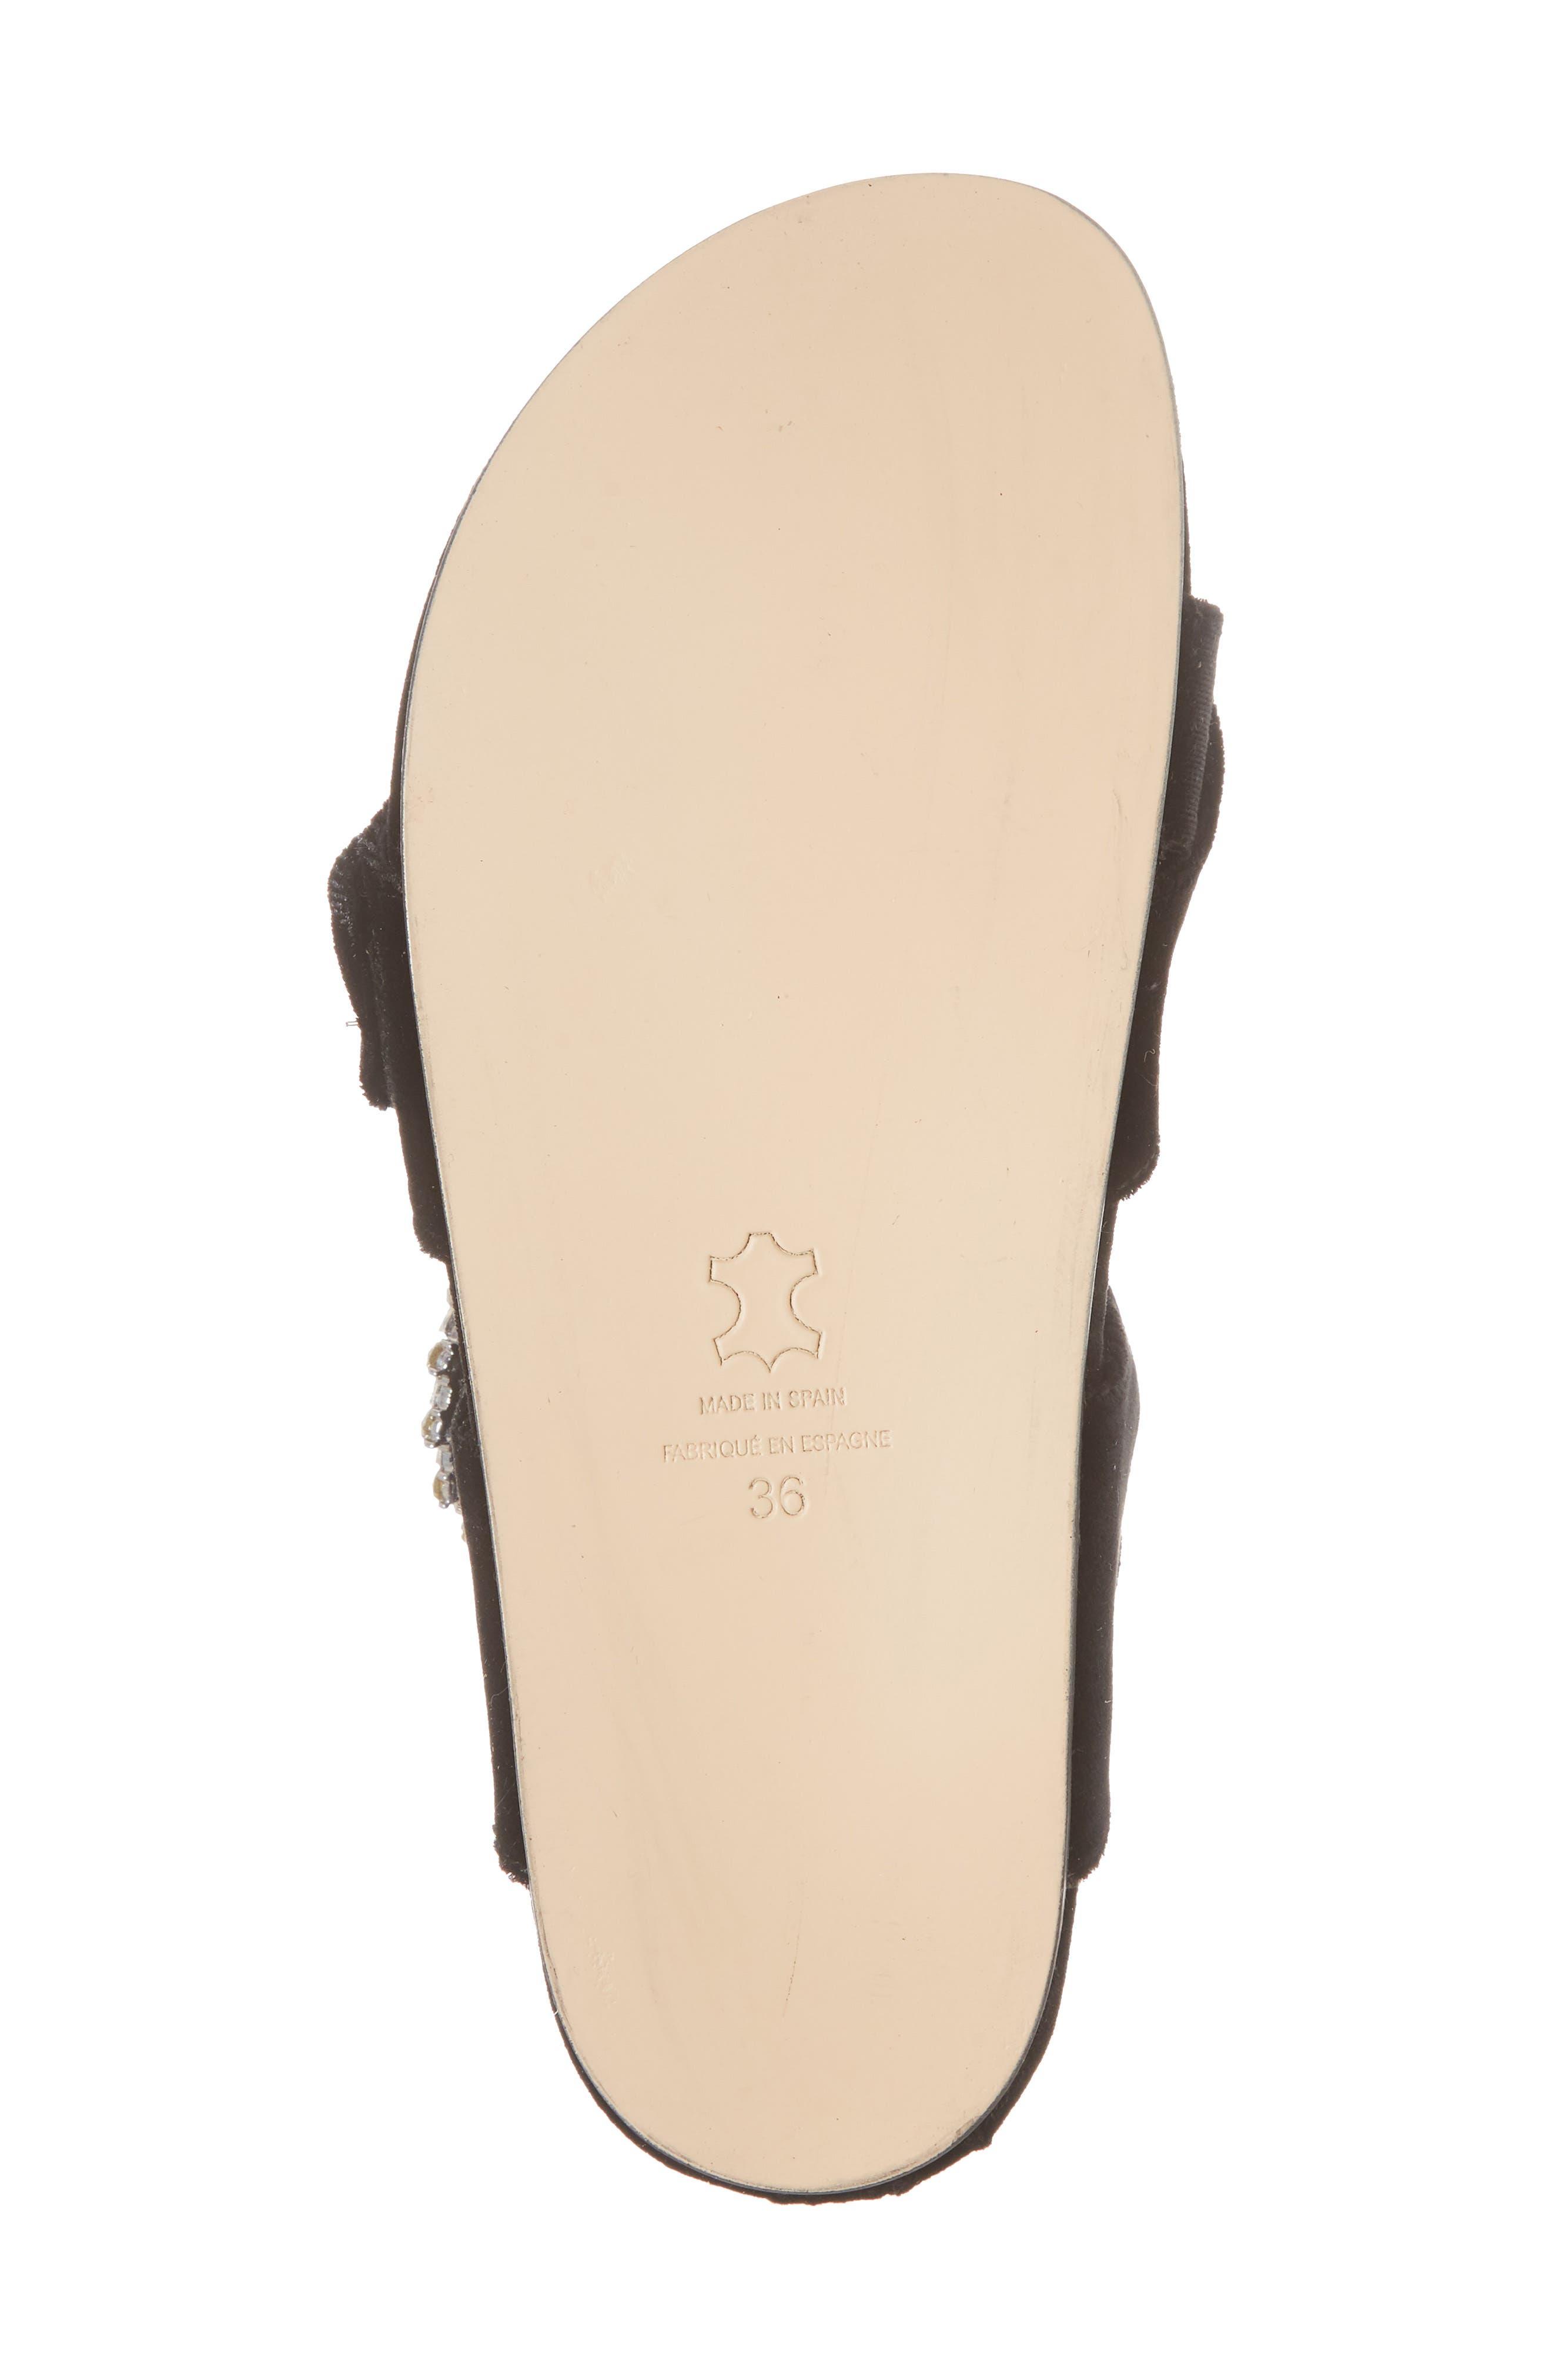 Maui2 Sandal,                             Alternate thumbnail 6, color,                             Black Velvet/ White